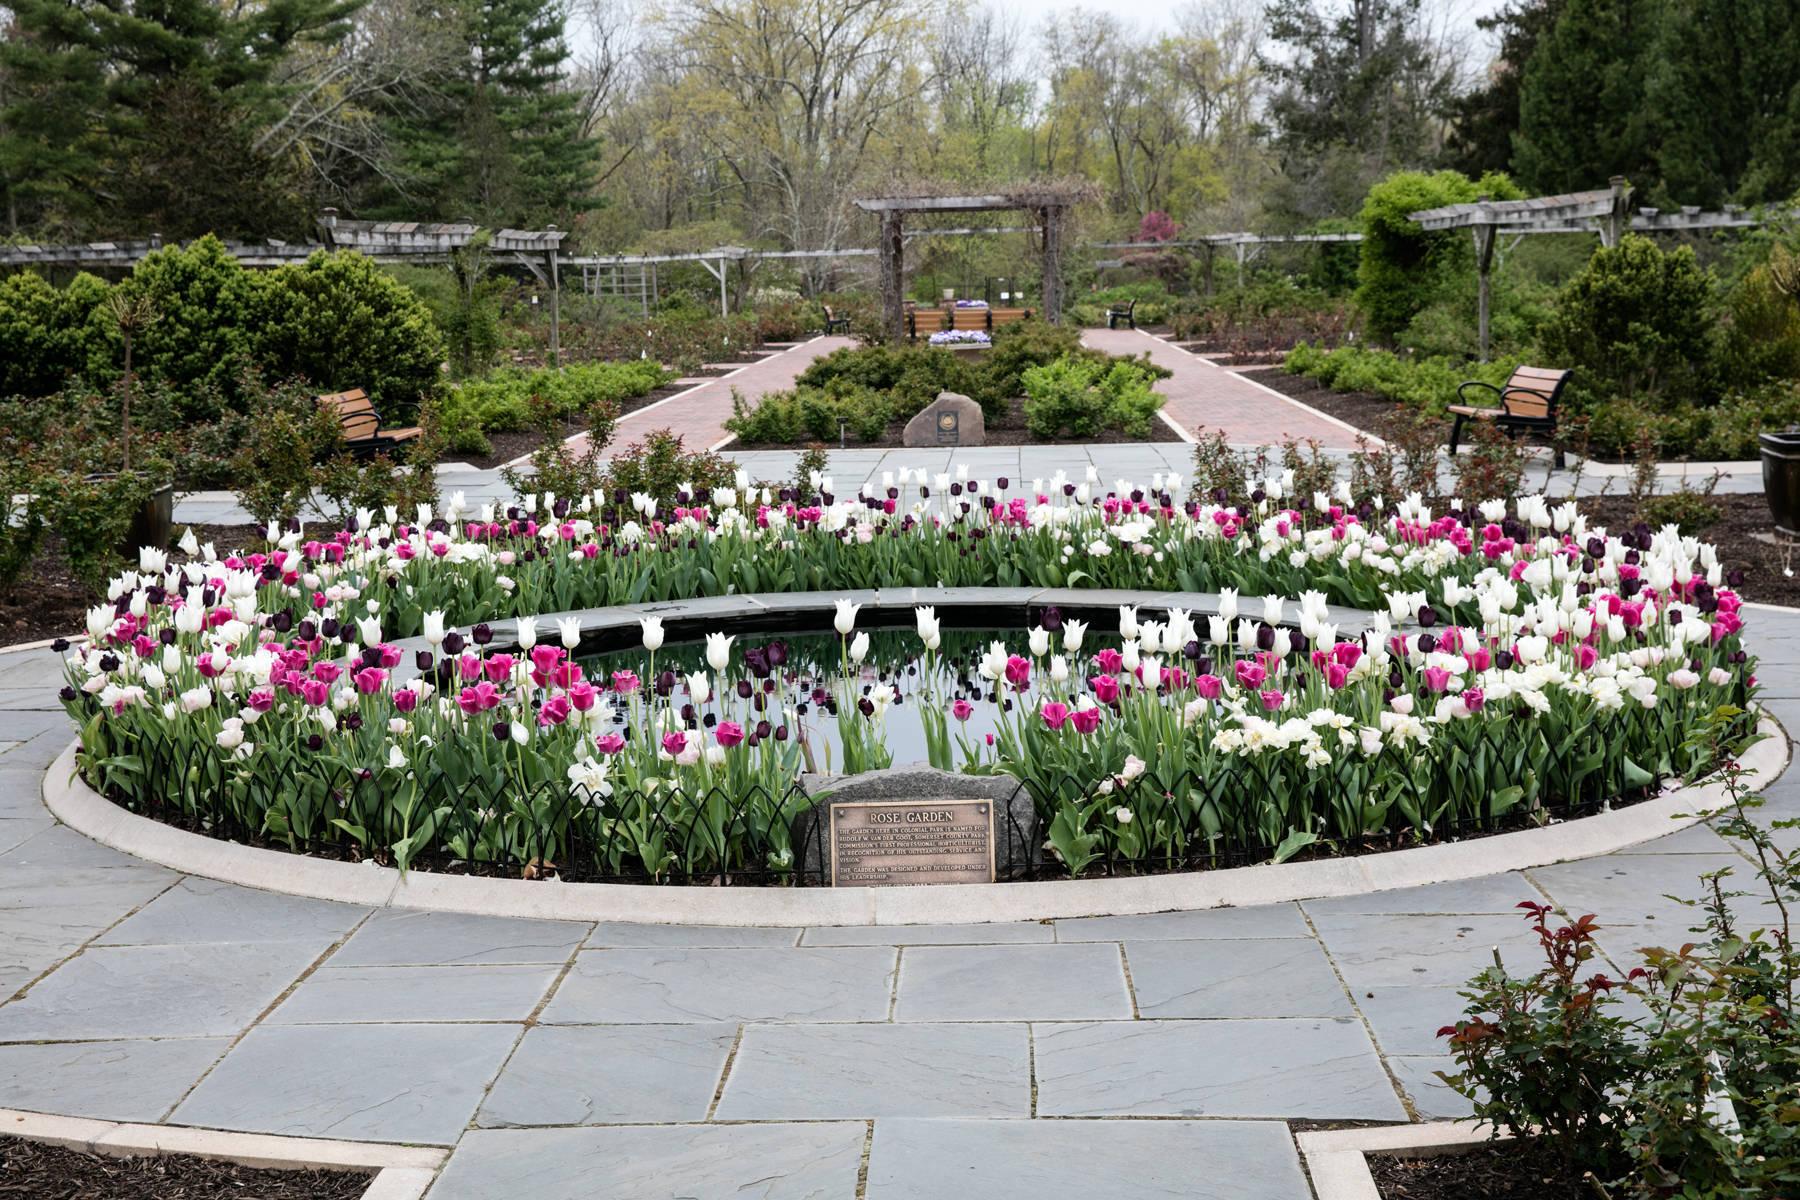 079616ec677e3b7a0c15_Rose_Garden_in_Bloom_copy.jpg